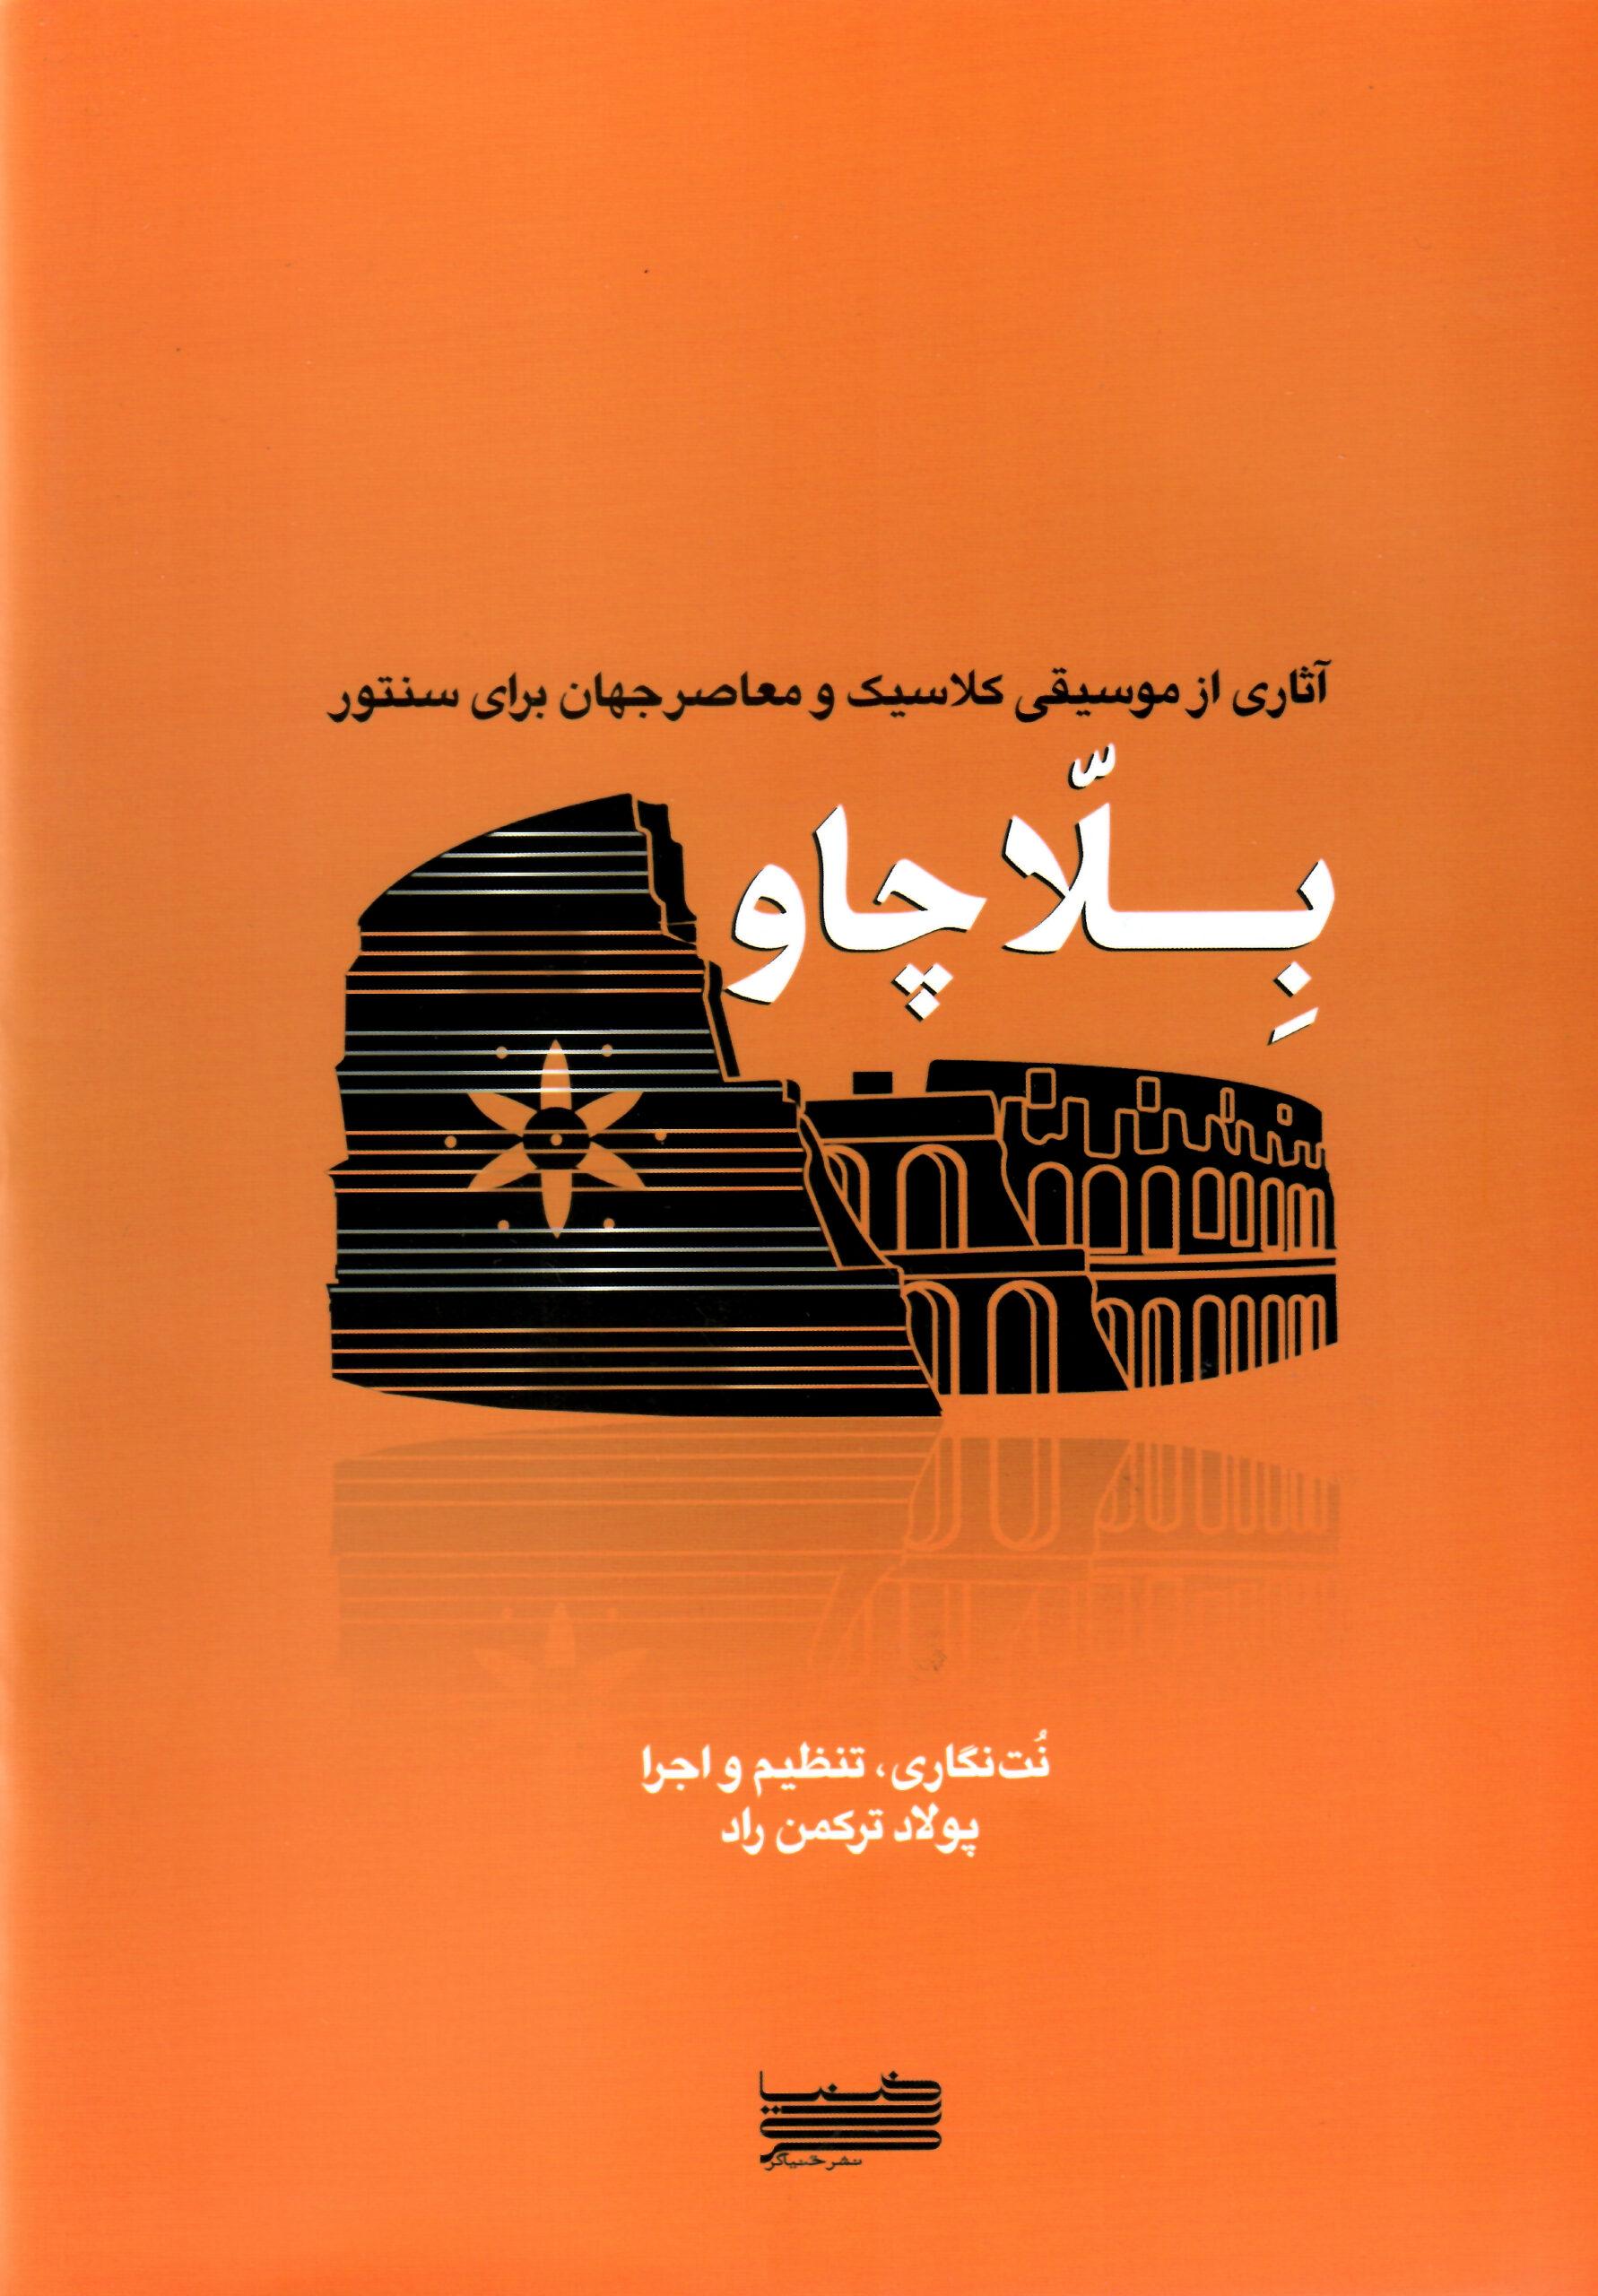 بلاچاو- آثاری از موسیقی کلاسیک و معاصر جهان برای سنتور-پولاد ترکمن راد